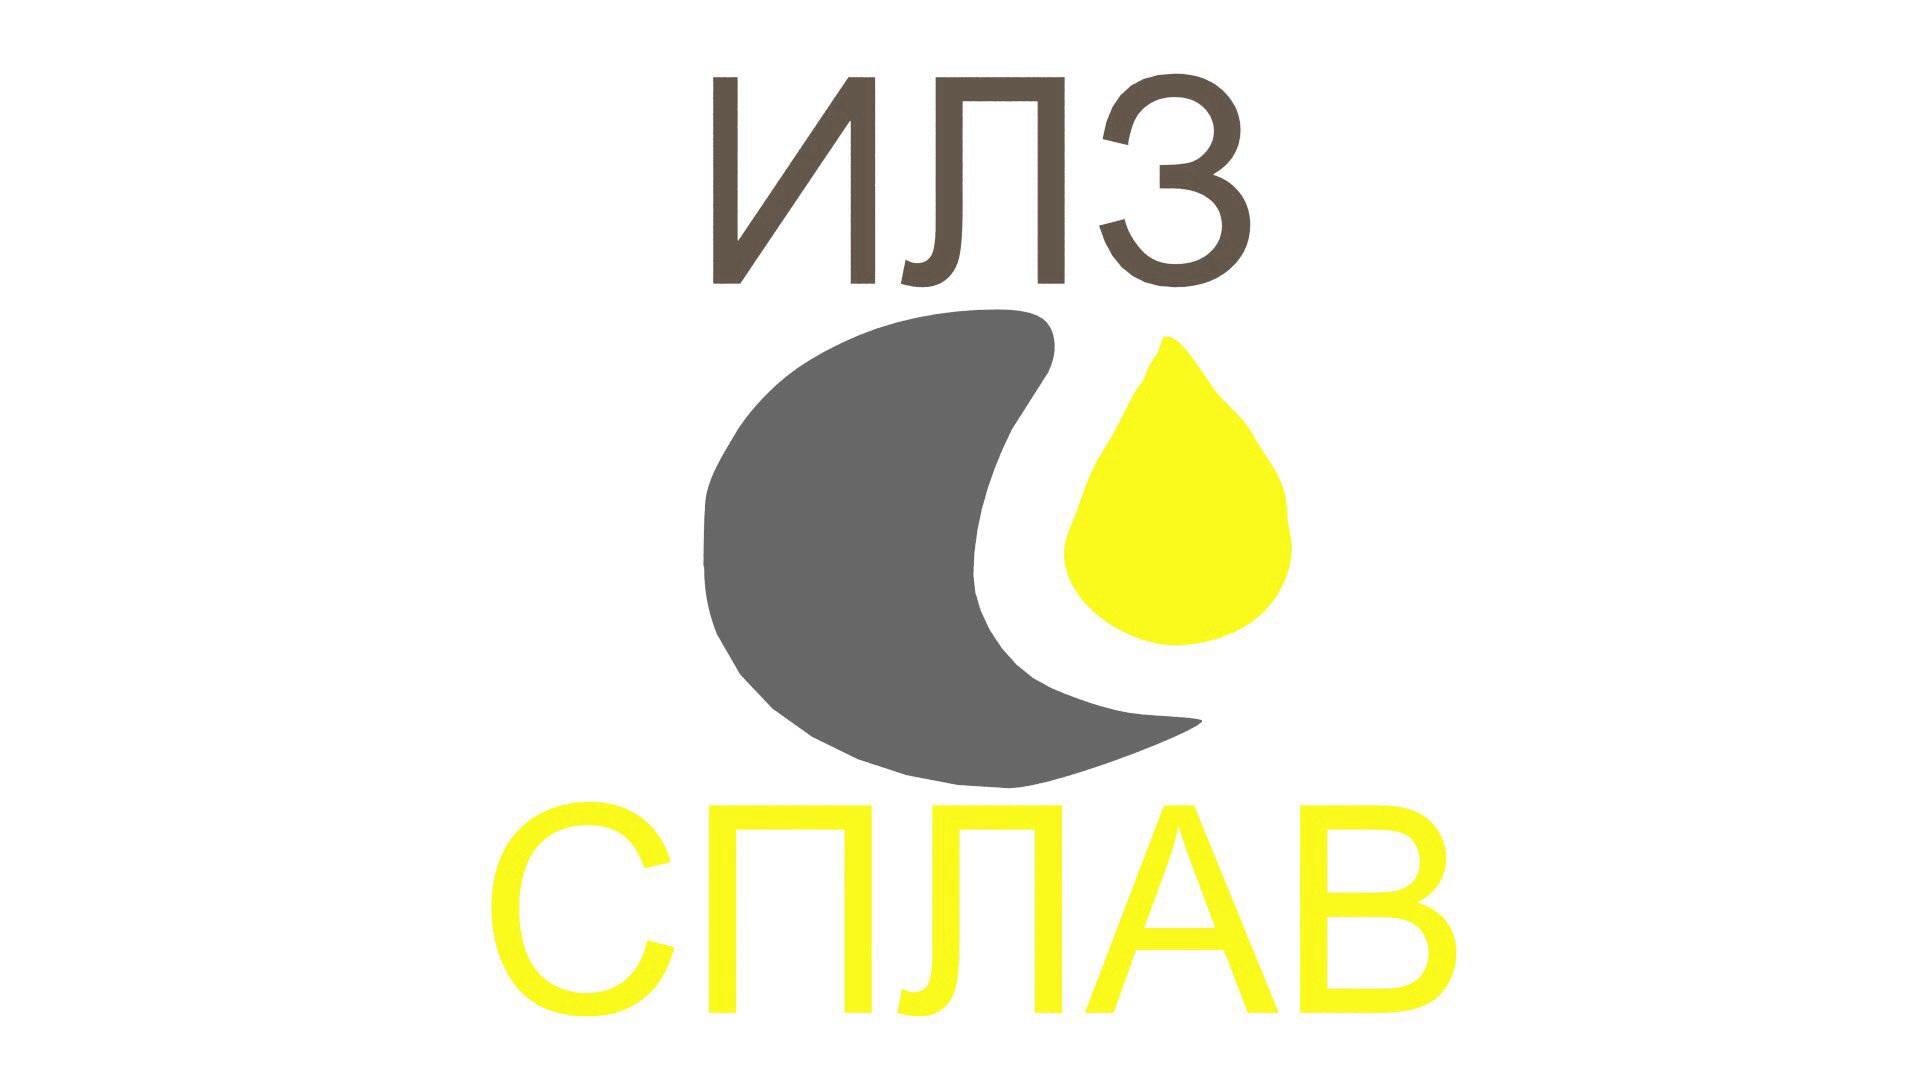 Разработать логотип для литейного завода фото f_8185afcc91debaa7.jpg